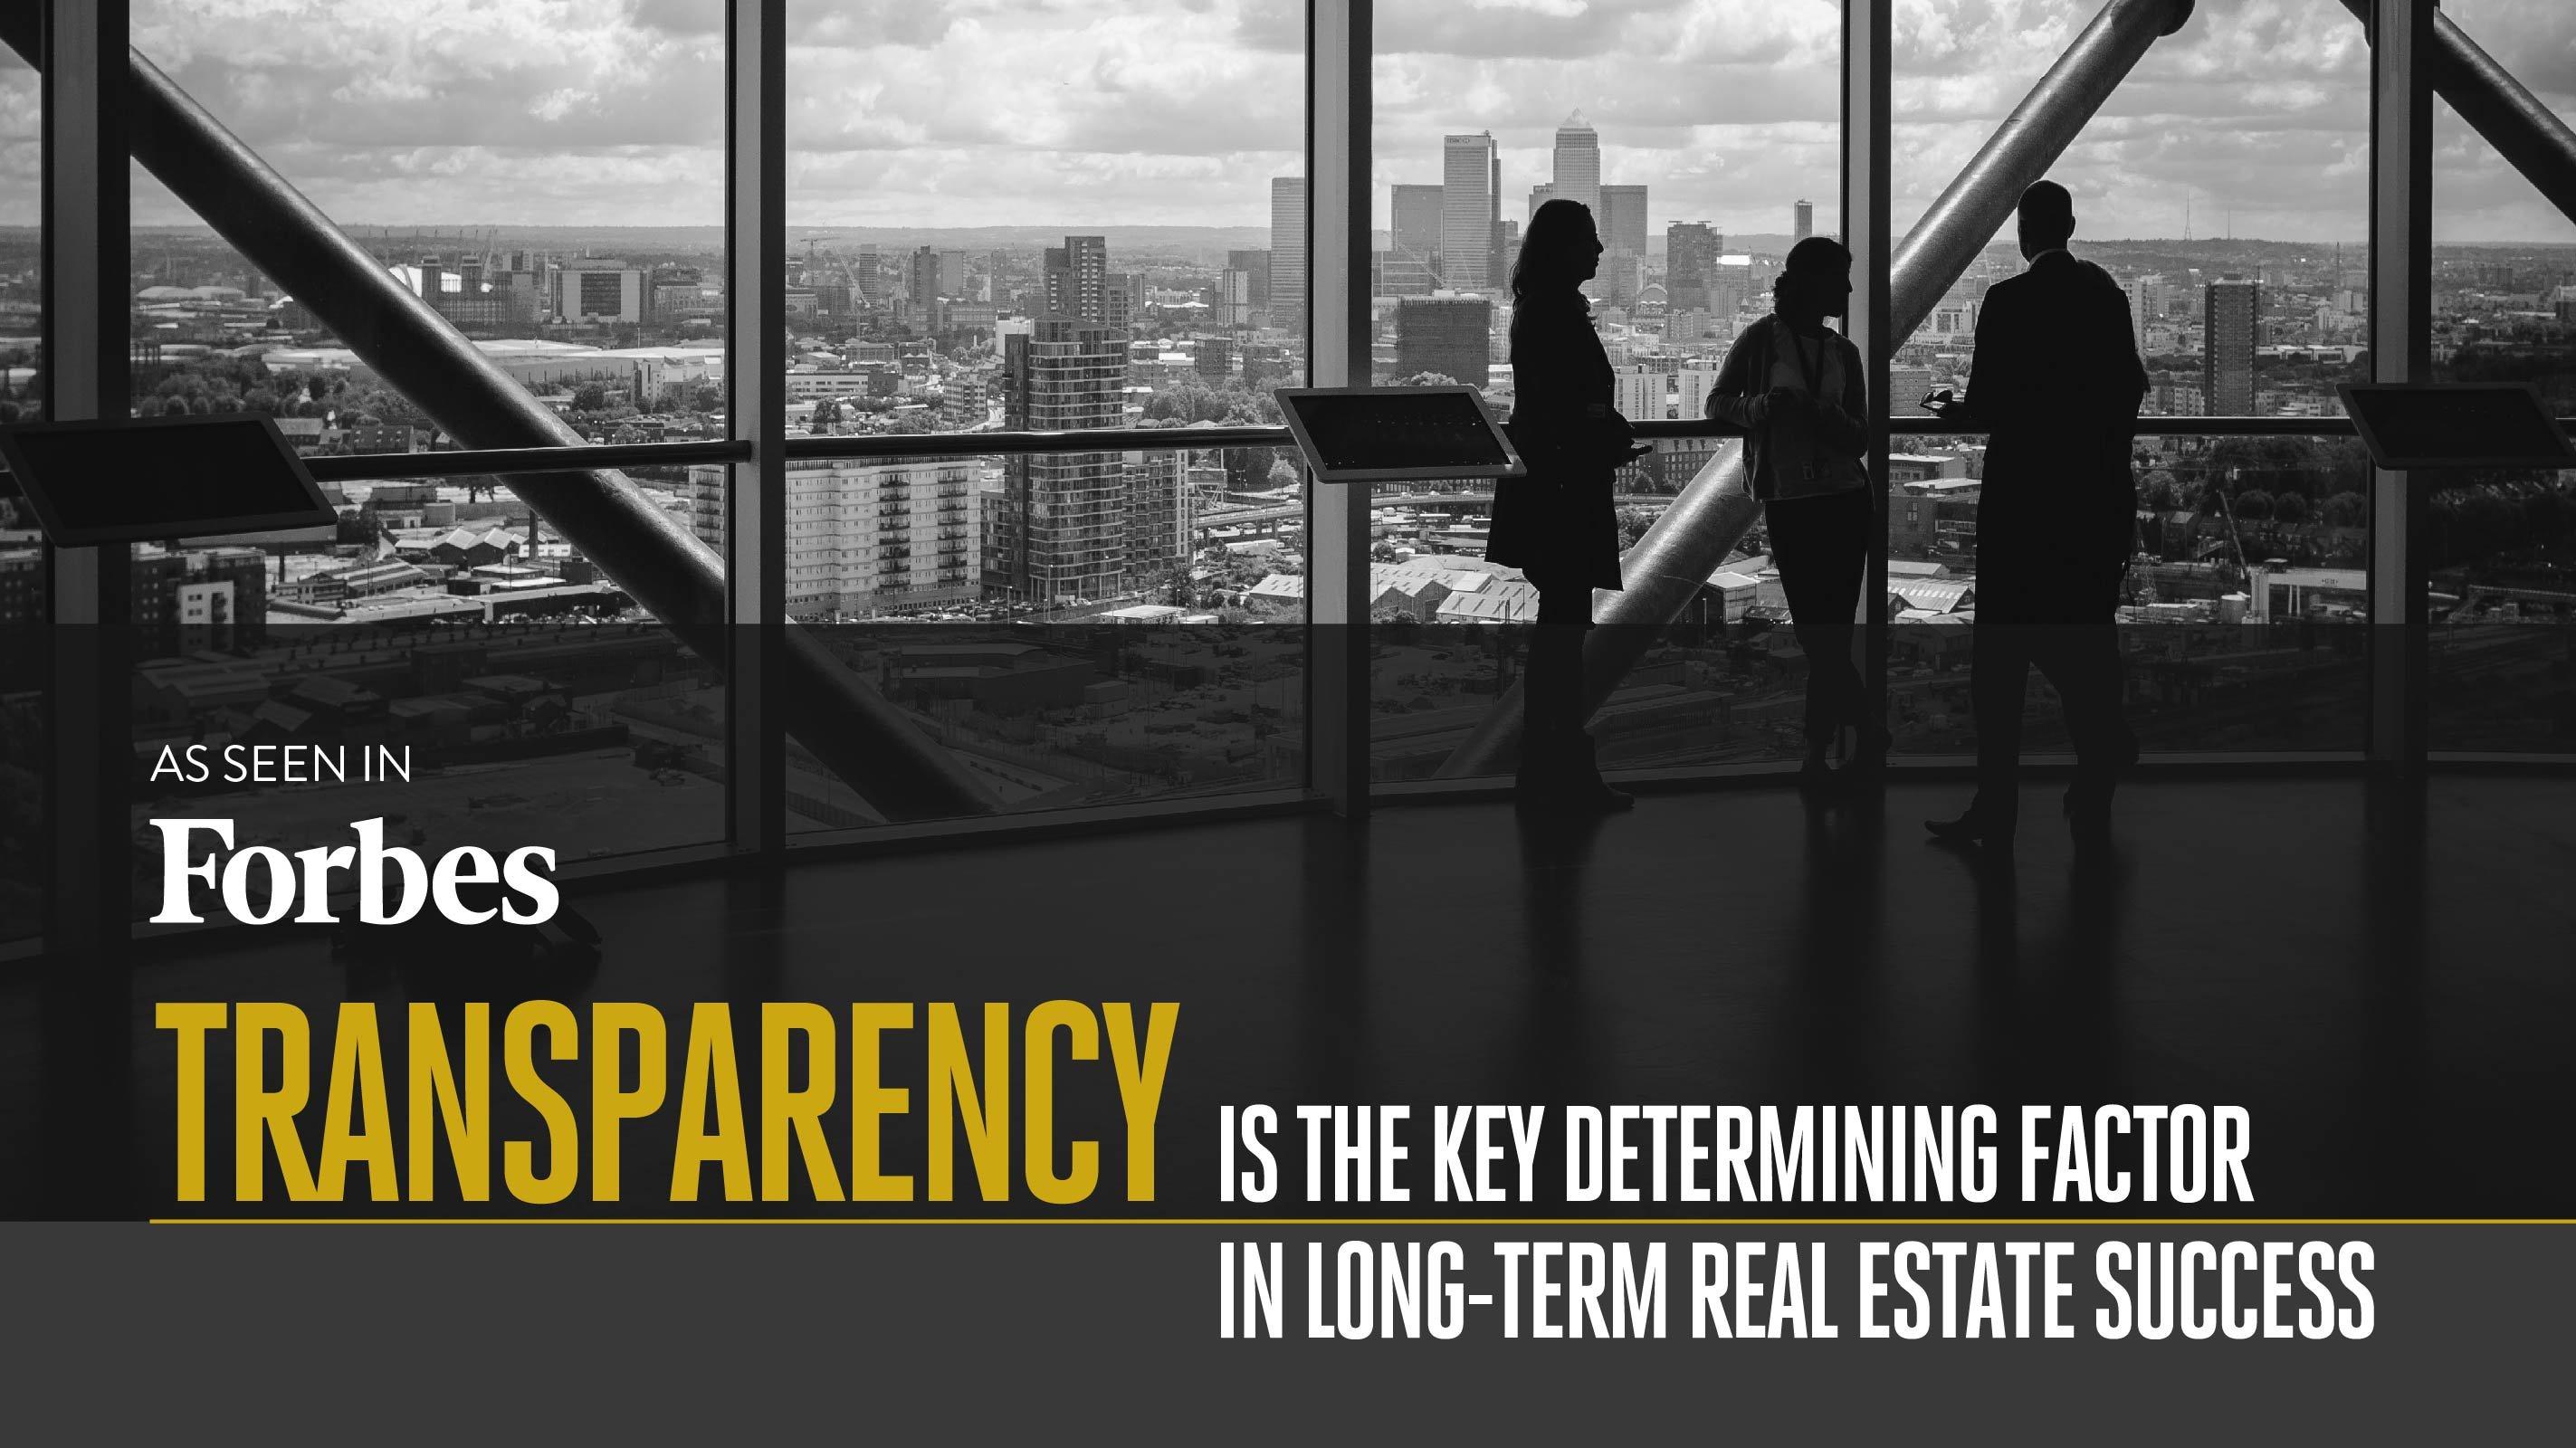 transparecy-01